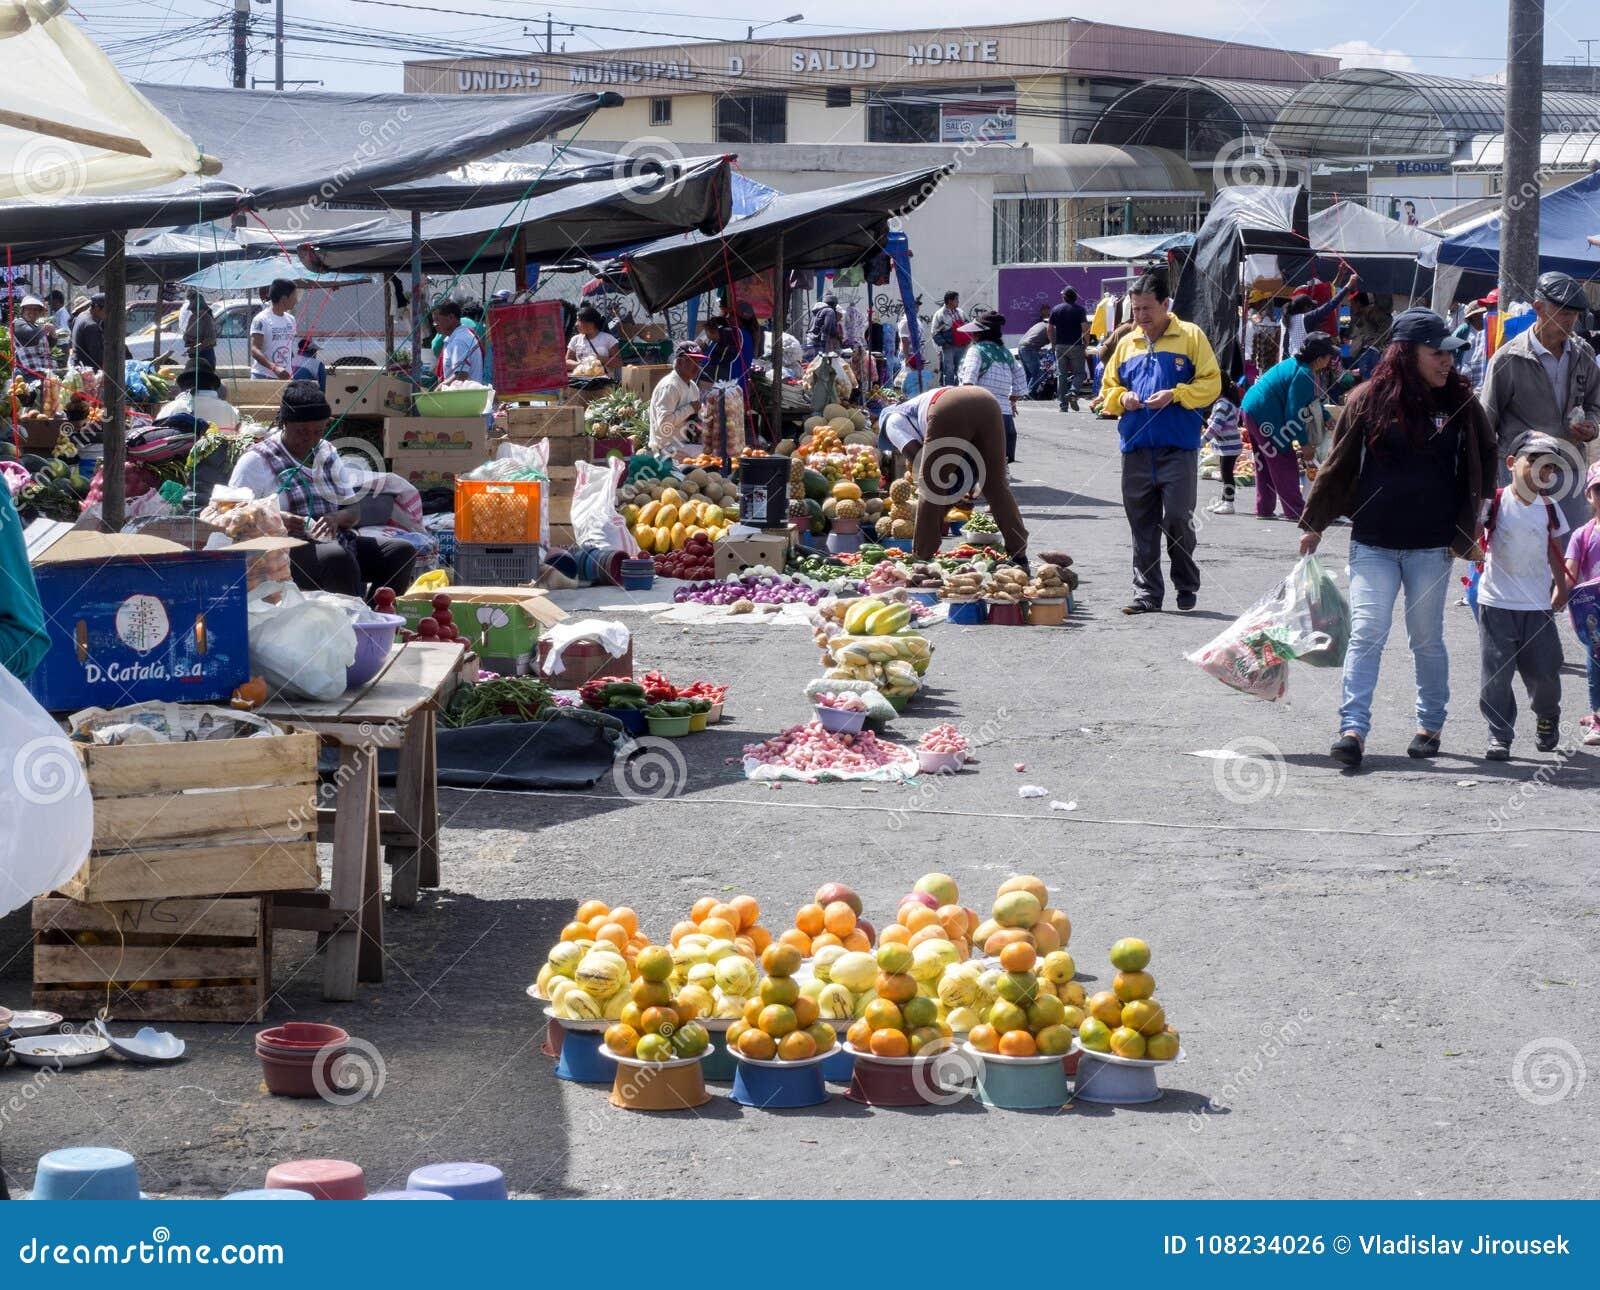 QUITO, EQUADOR - 07 DECEMBER 2017, rijke aanbieding van vruchten, groenten en vlees, Quitomarkt, 07 December 2017, Quito, Ecuador